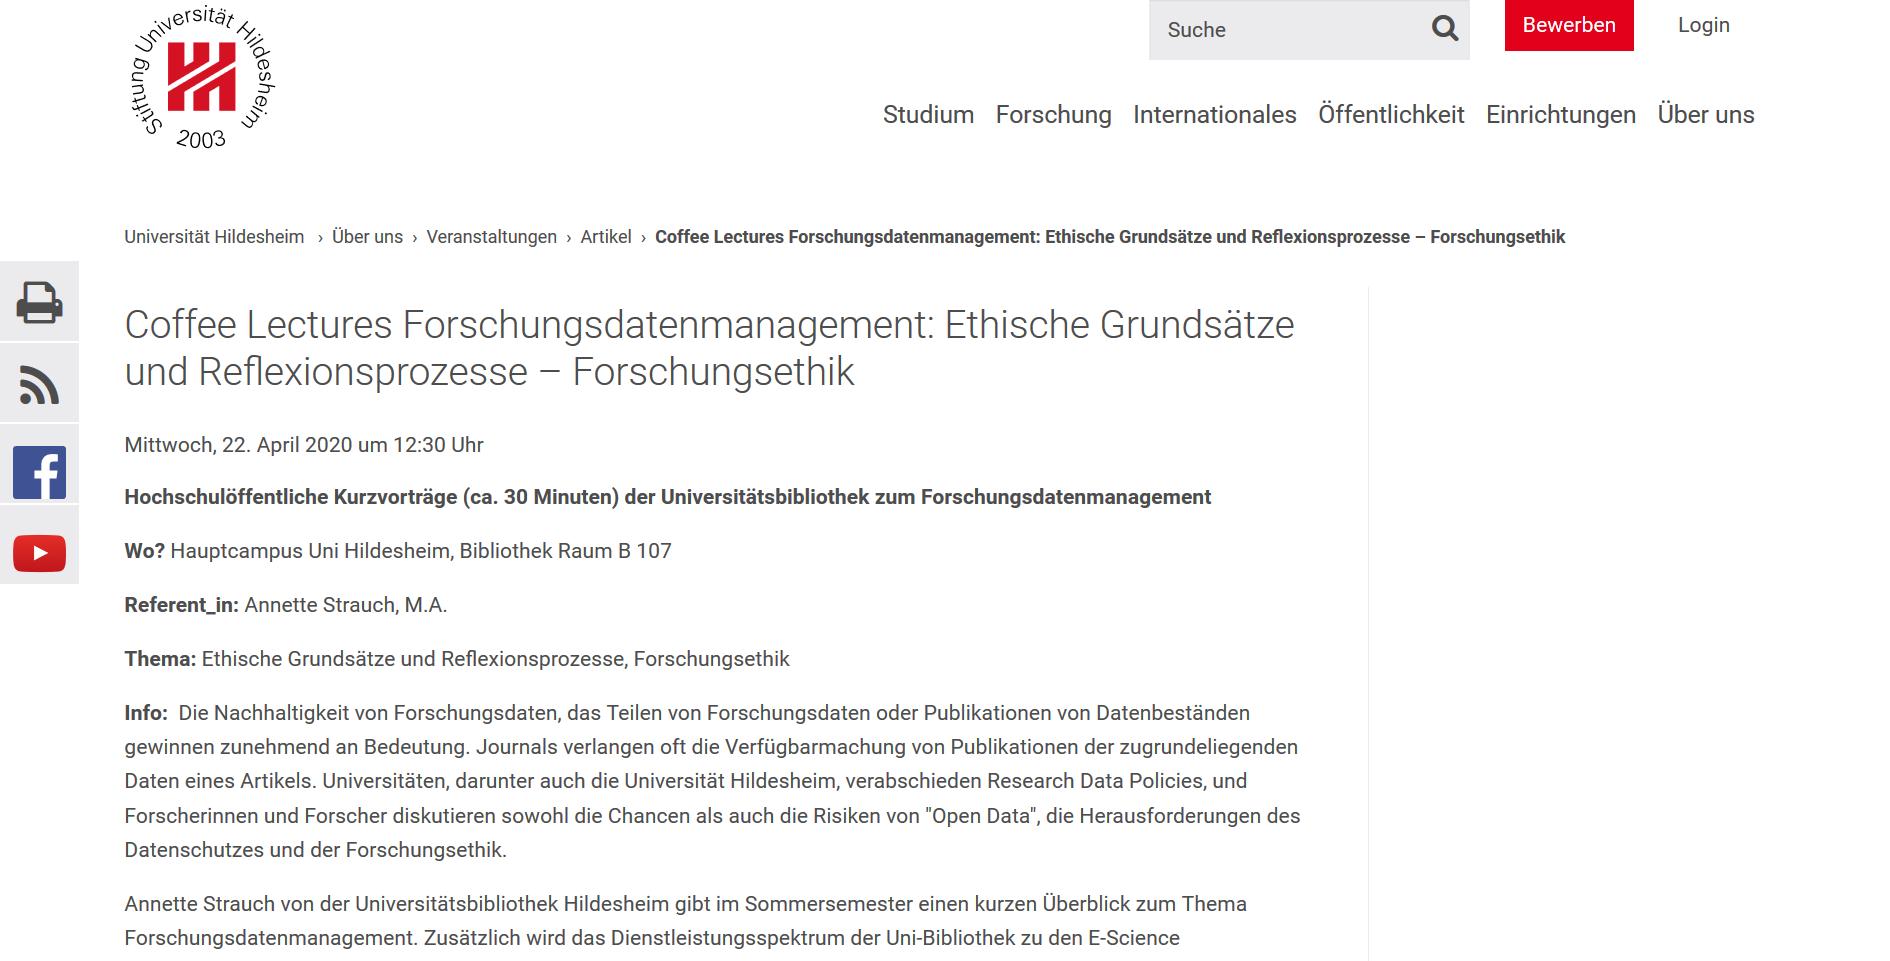 Coffee Lectures Forschungsdatenmanagement: Ethische Grundsätze und Reflexionsprozesse, Forschungsethik.